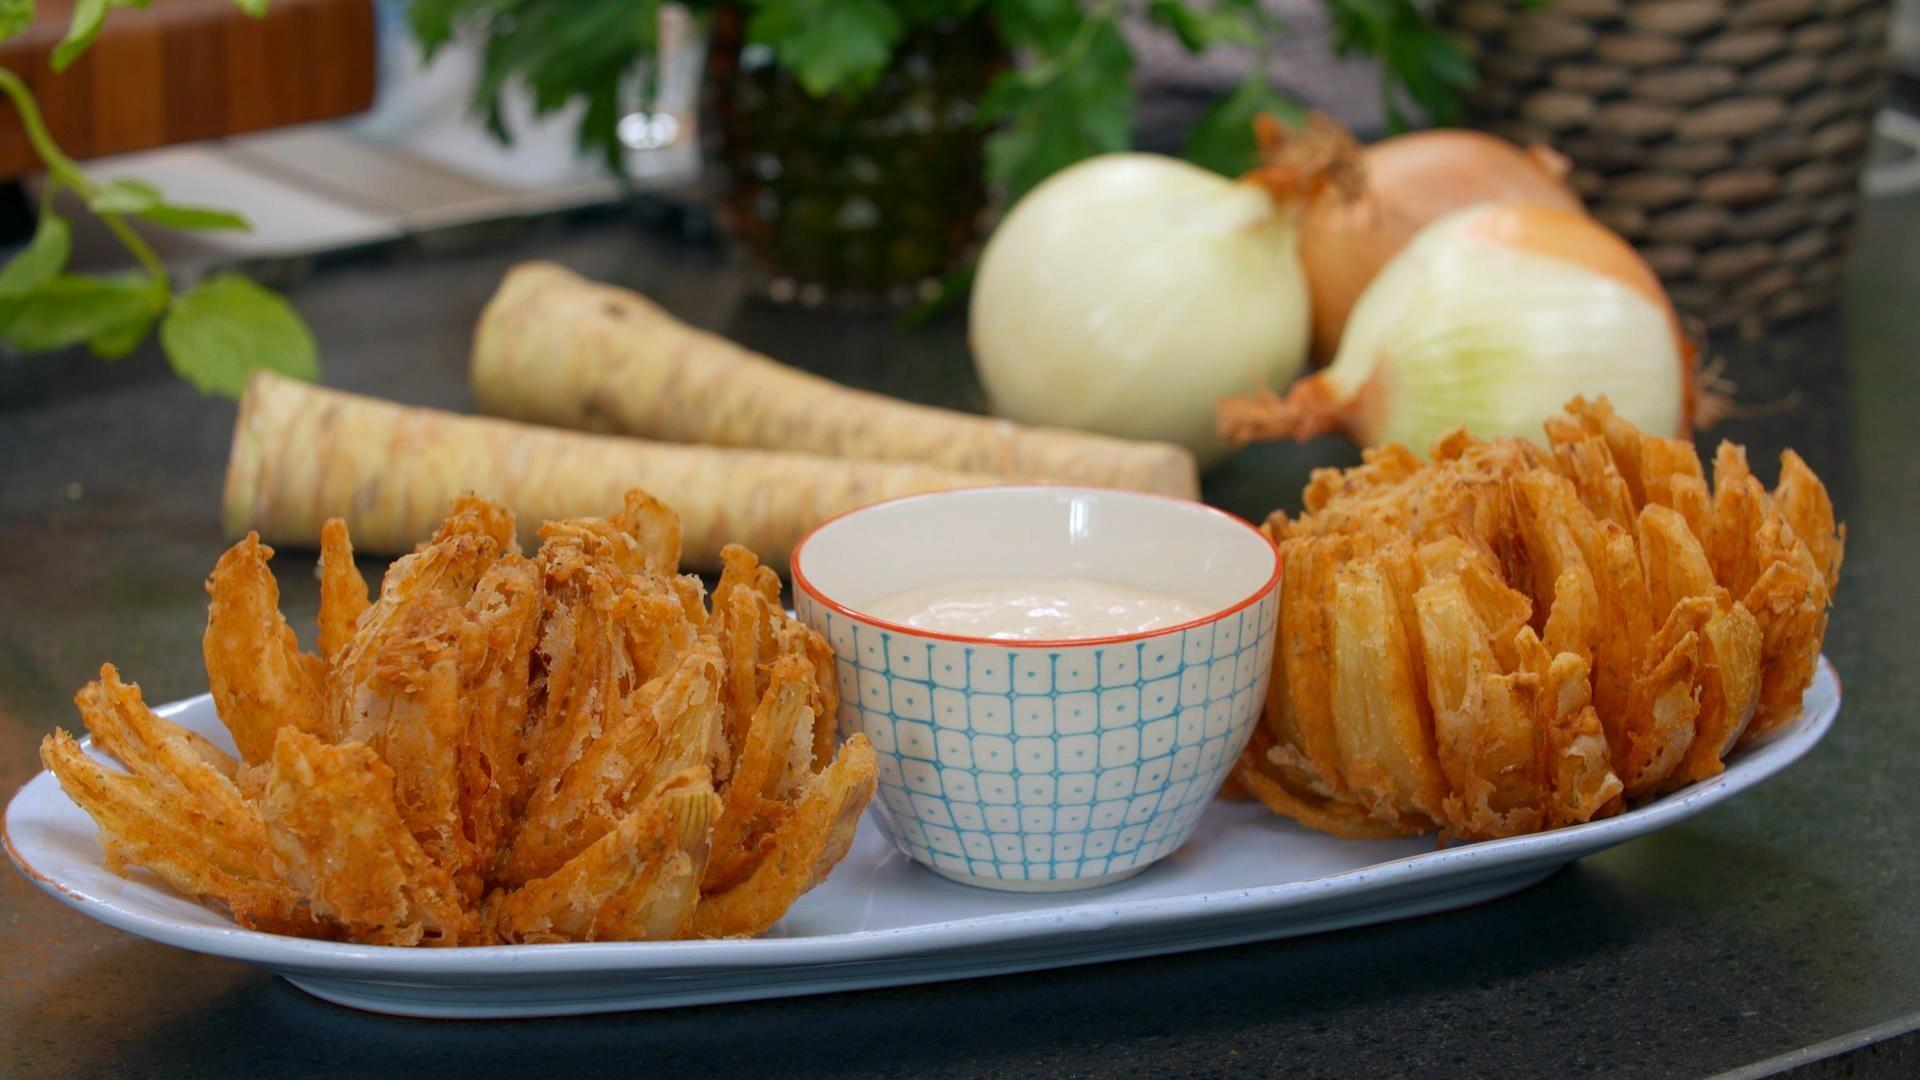 Blooming onion - amerikansk snack opskrift | Spise med Price | Mad | DR